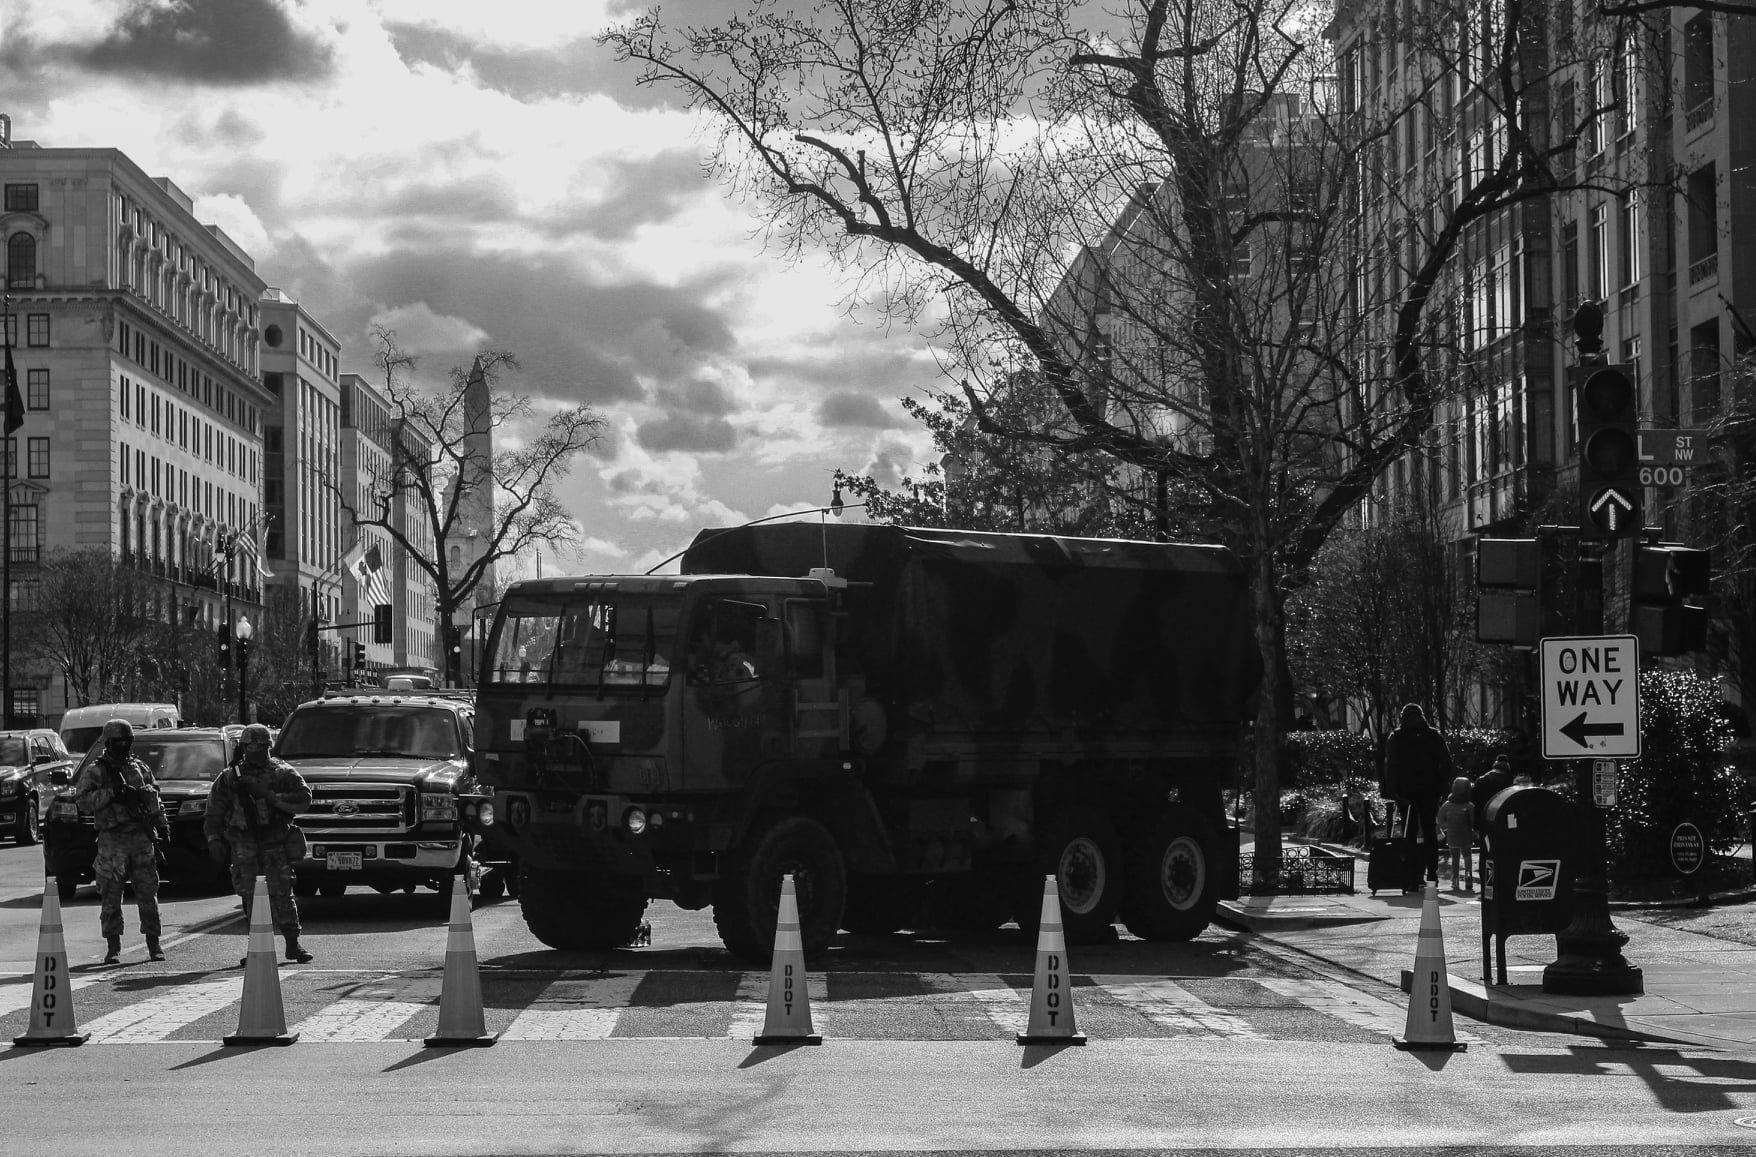 a military blockade